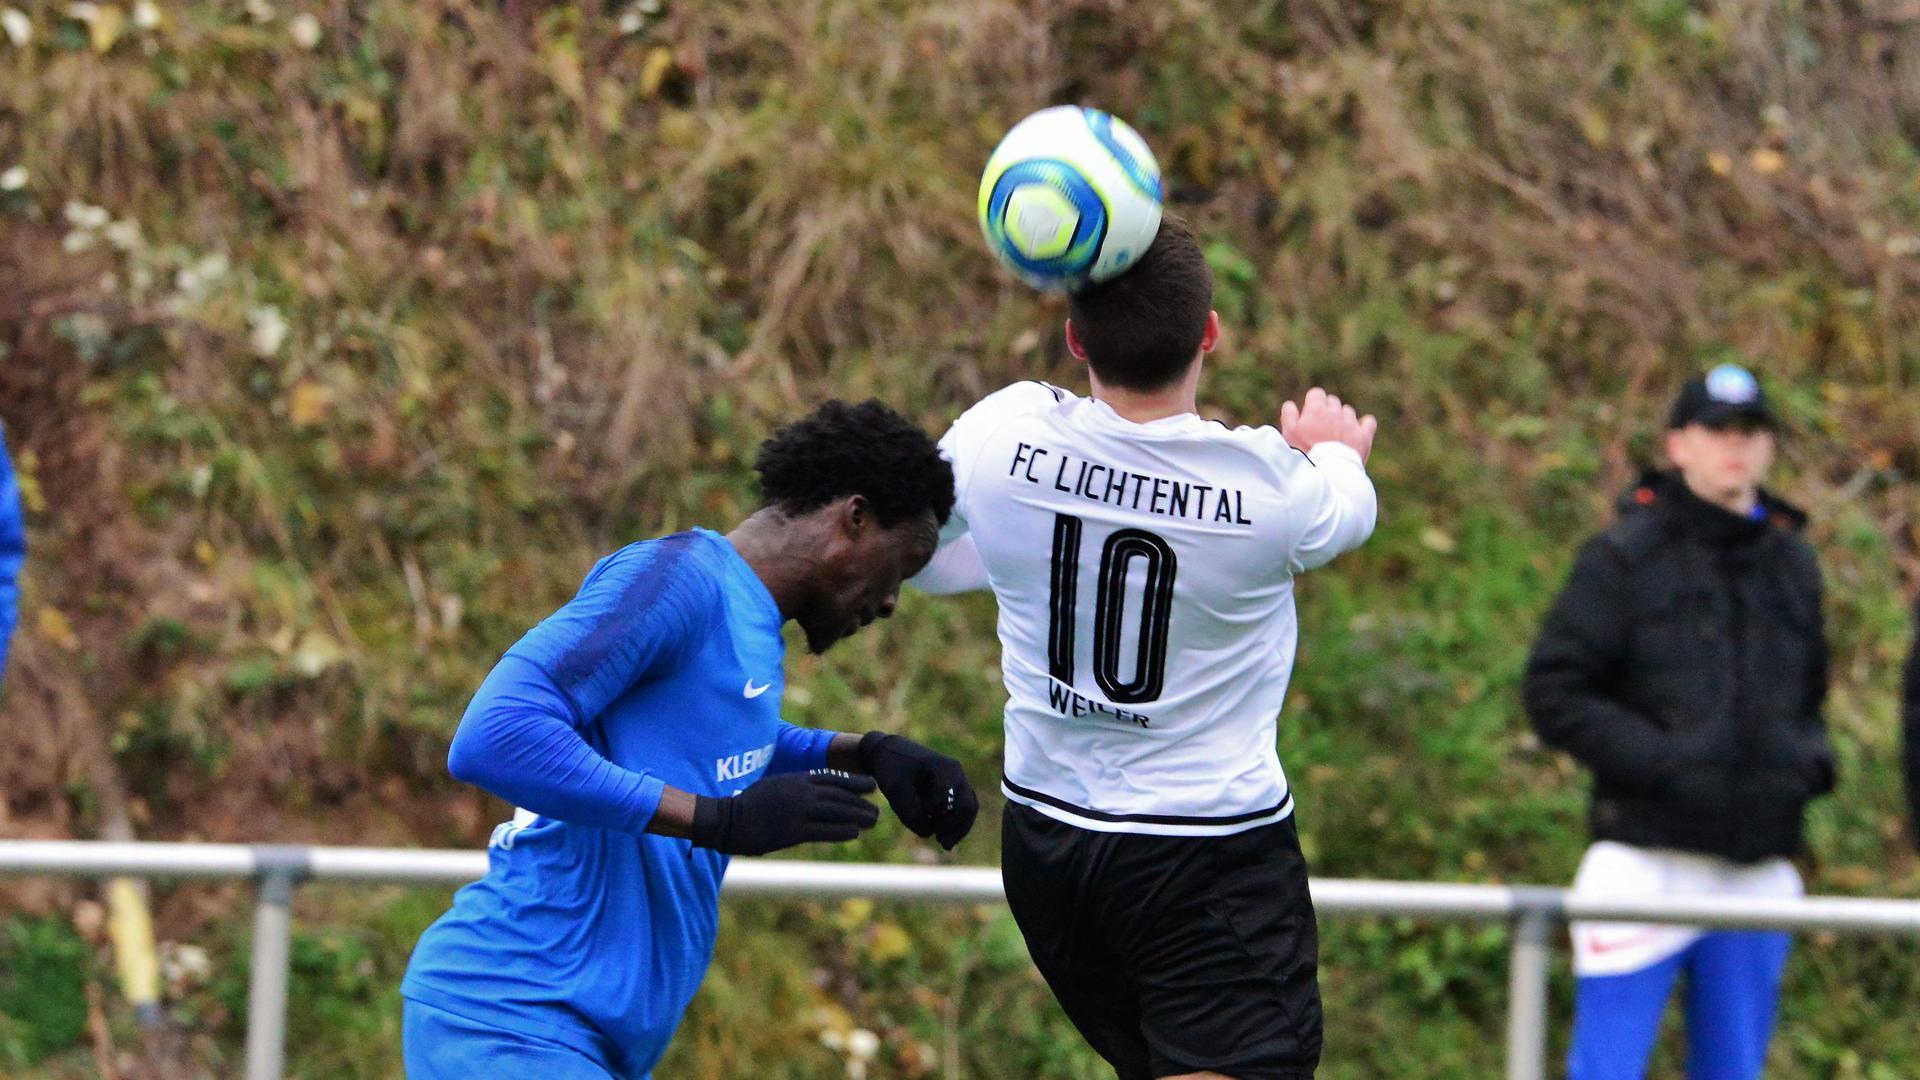 Patrik Weiler vom FC Lichtental gewinnt ein Kopfballduell gegen Jallow Mamadou vom FV Baden-Oos.